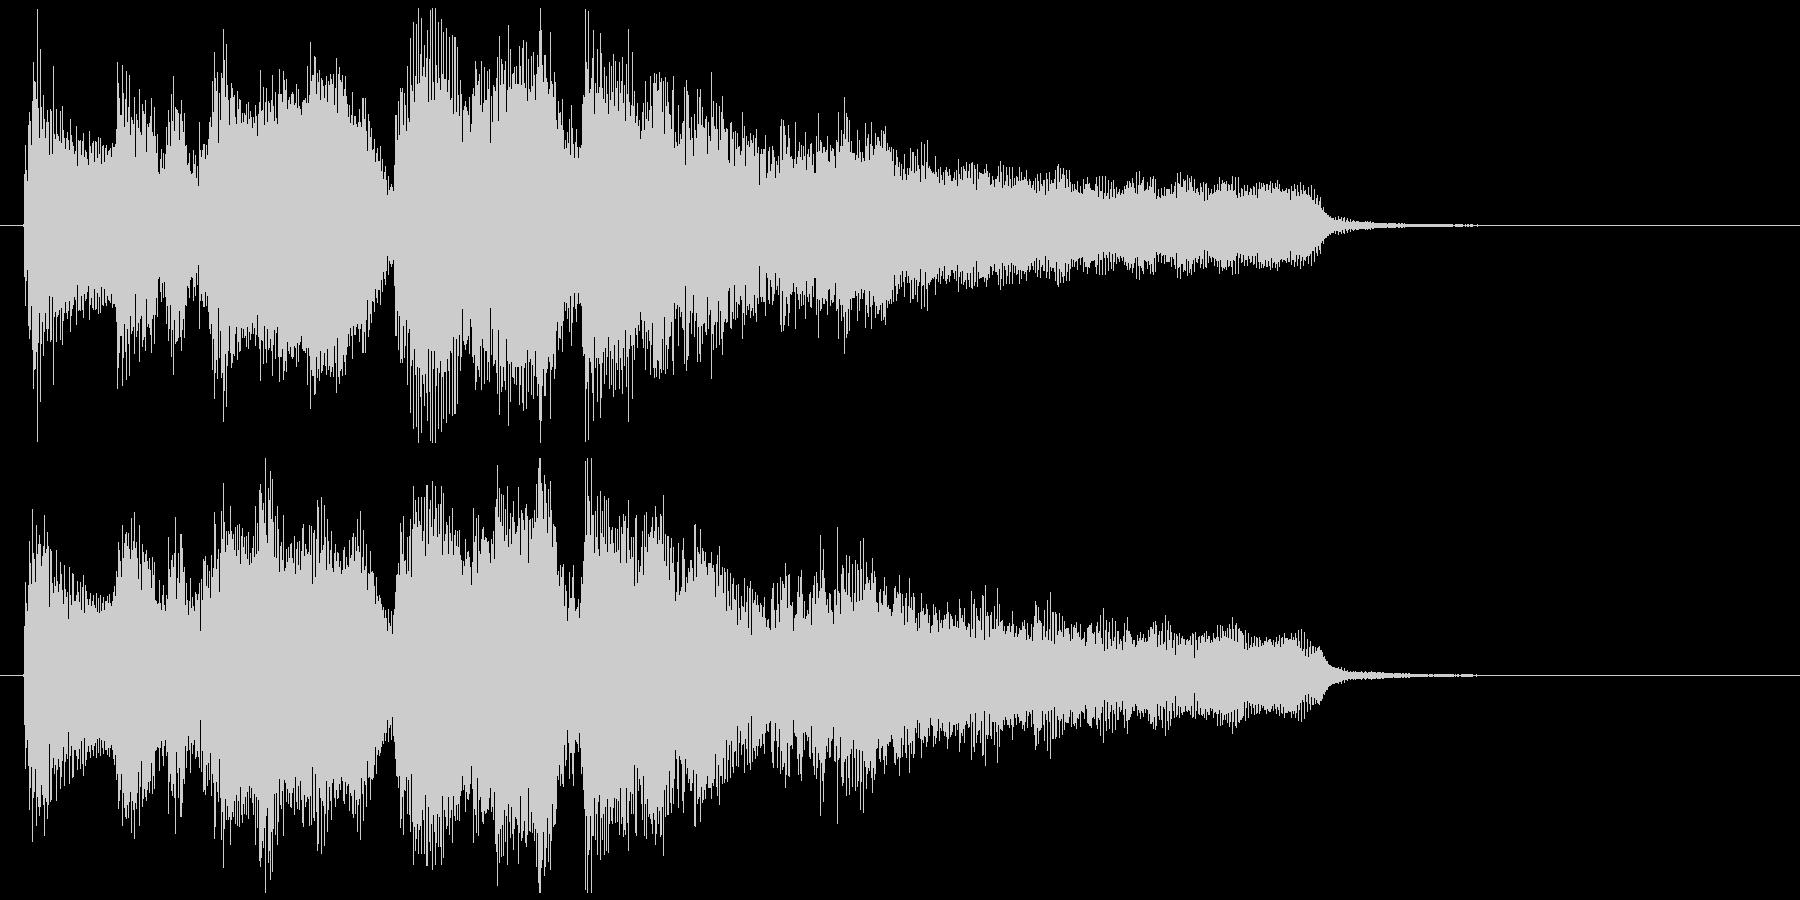 ボサノバのジングル、優しい音色のサックスの未再生の波形